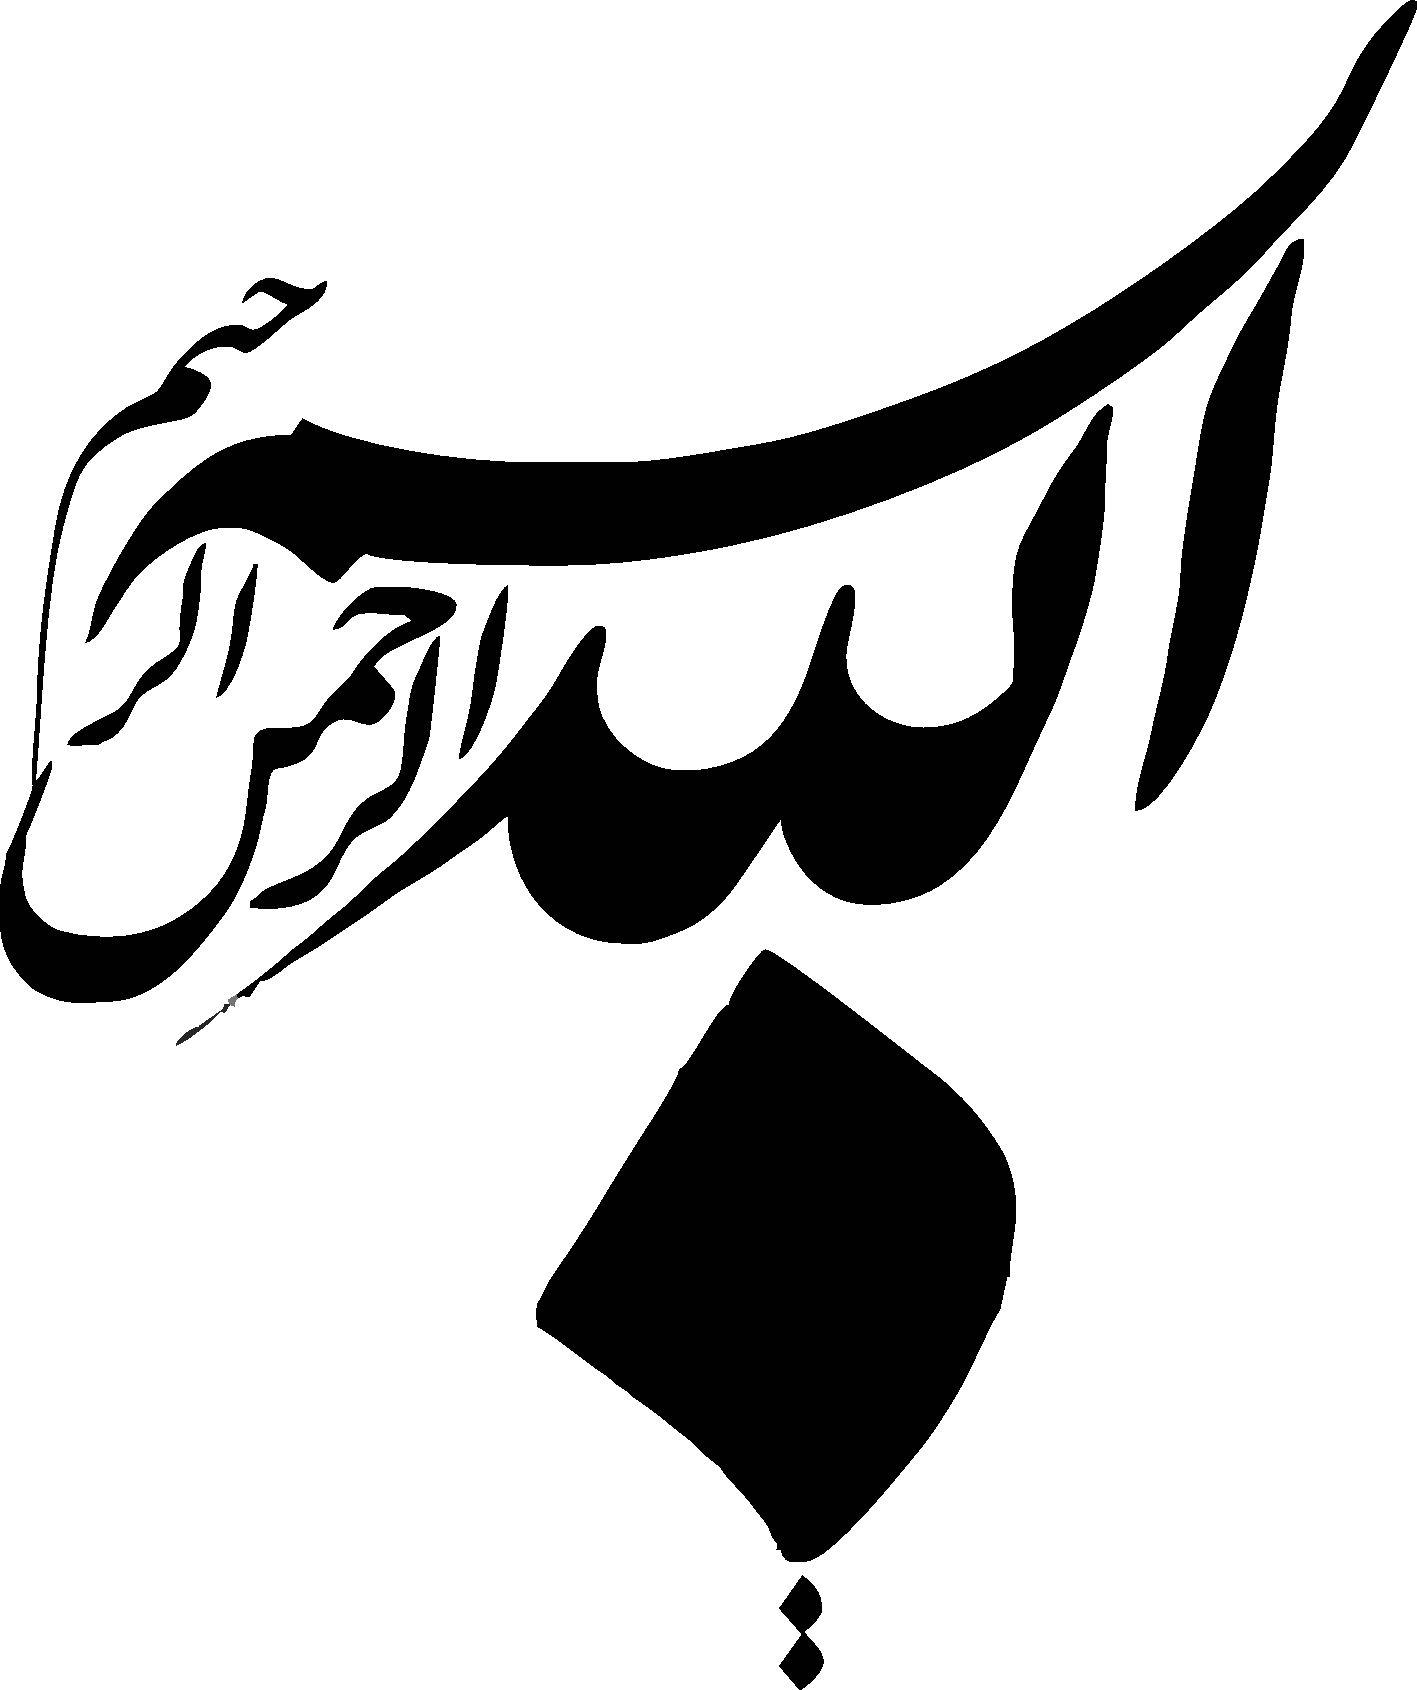 گفتن بسم الله ضرر غذاها را دفع مى كند